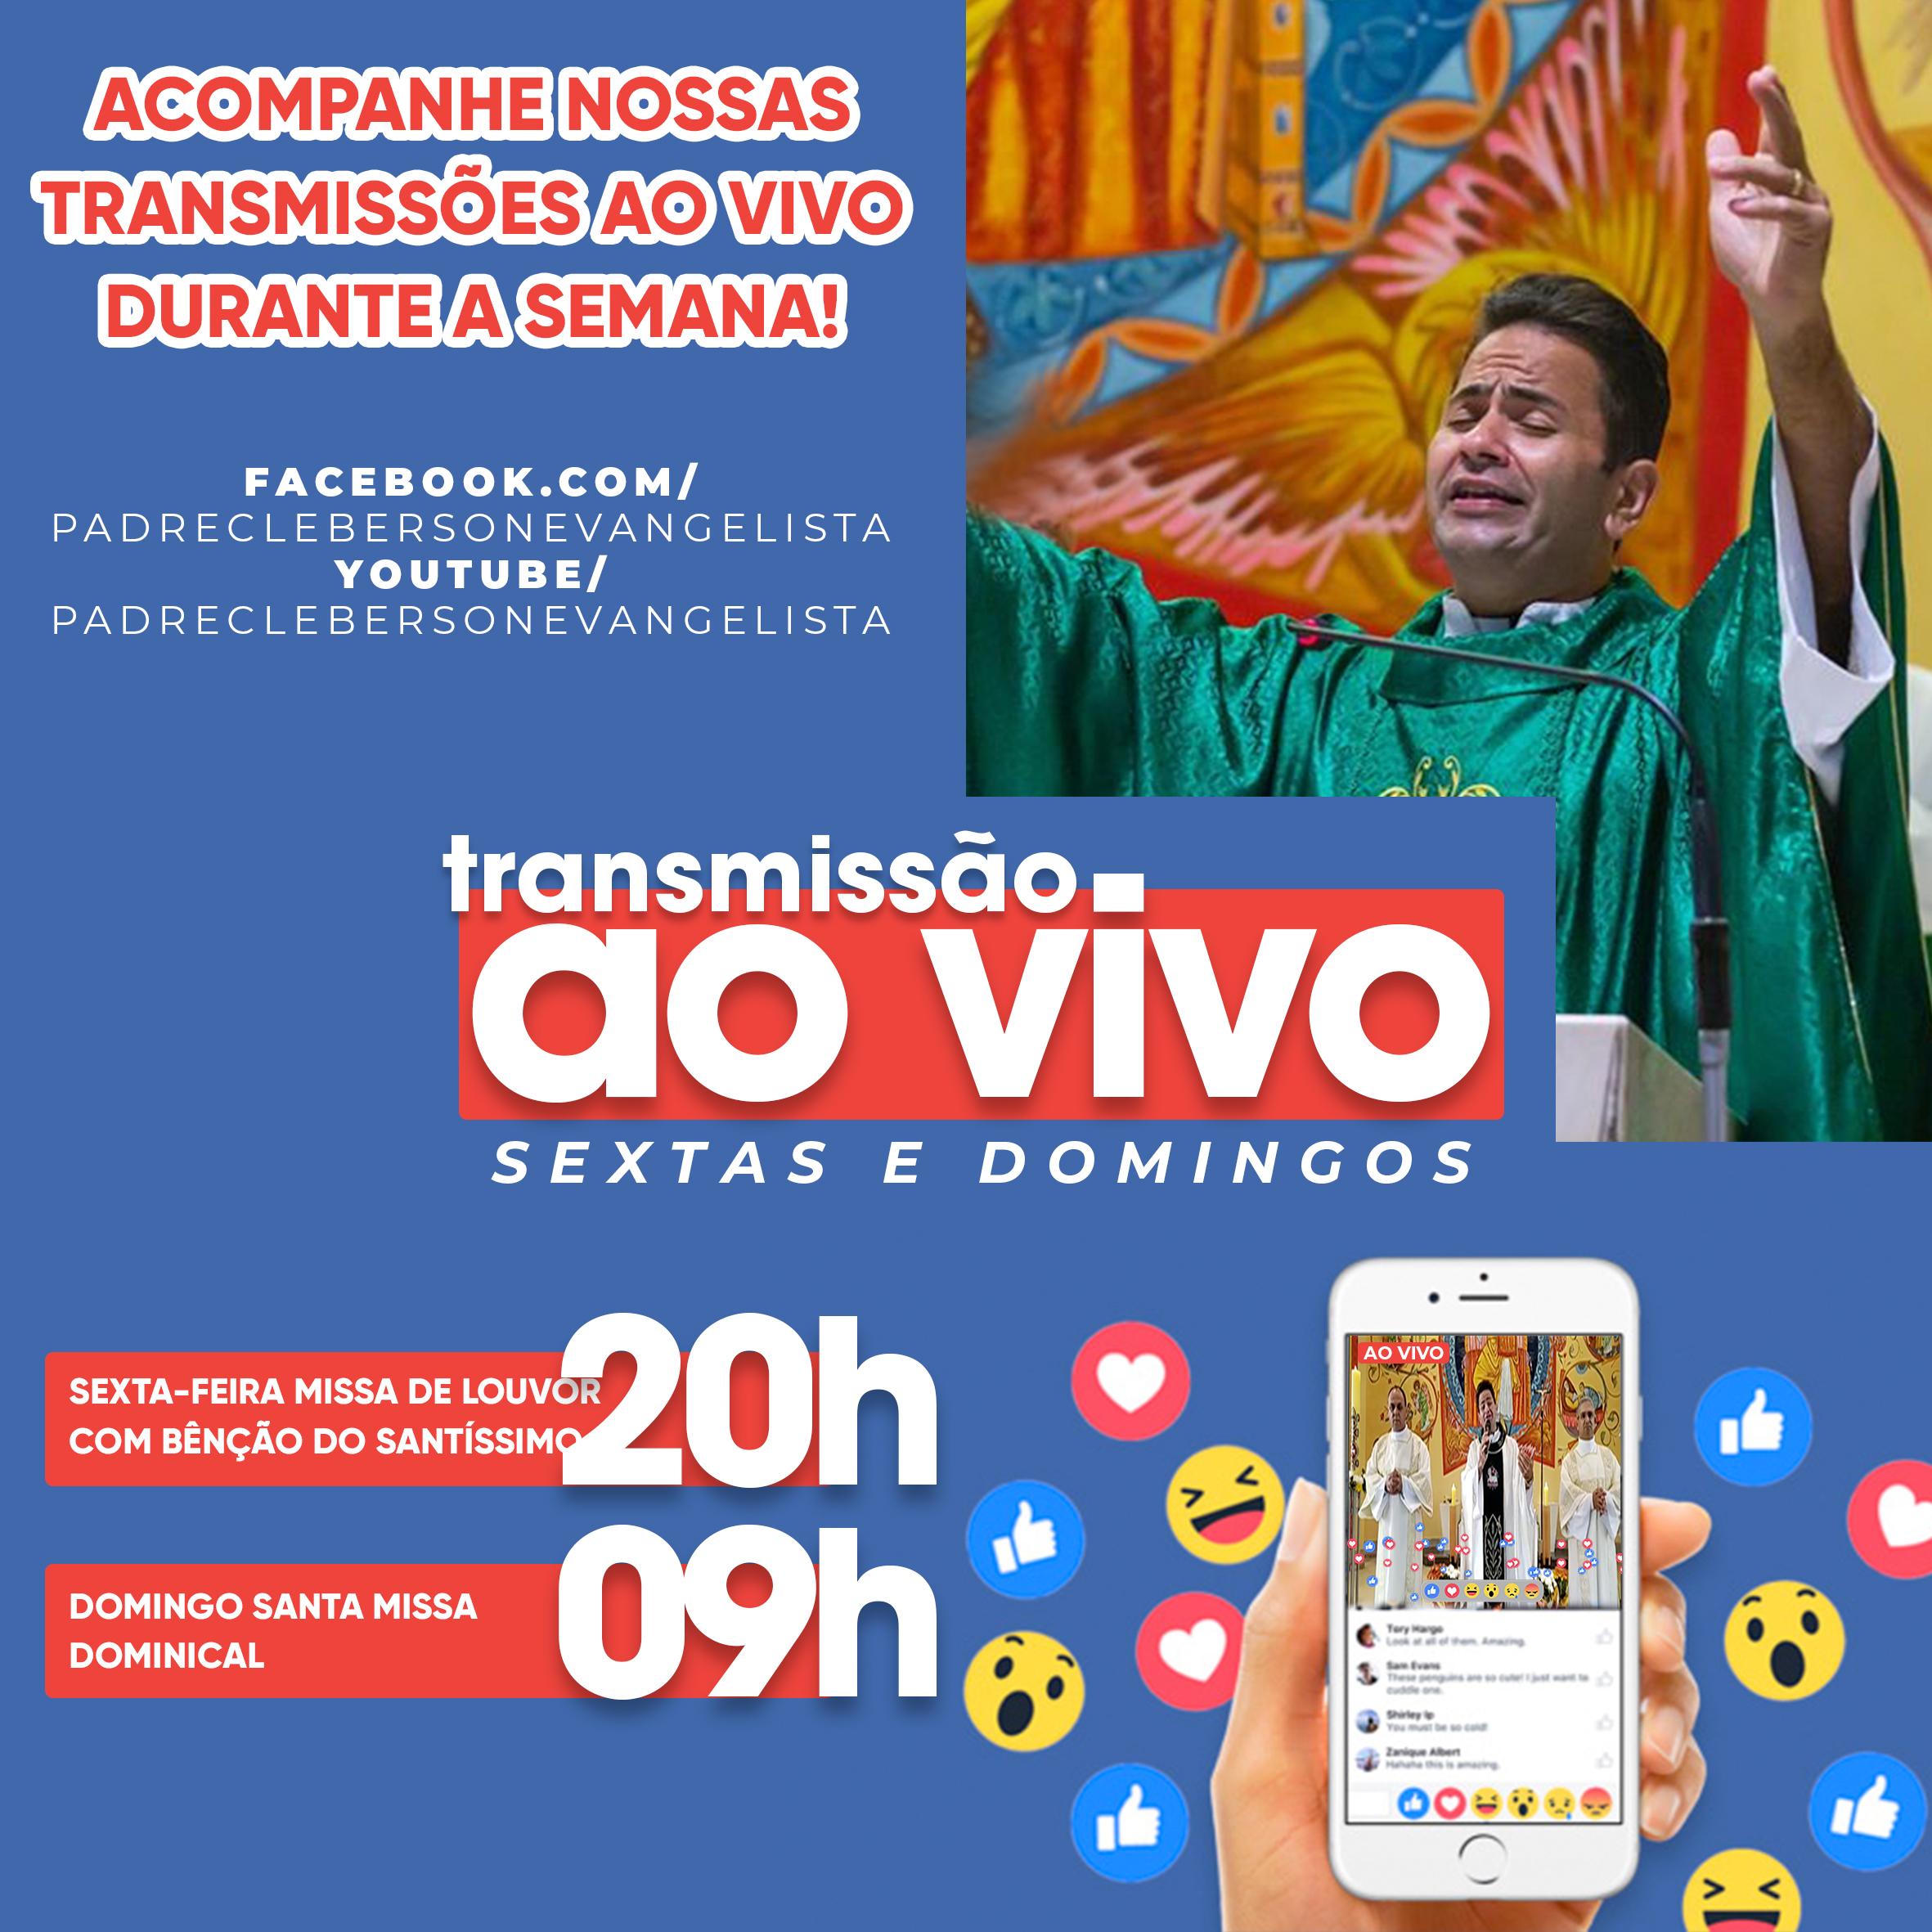 Transmissões ao vivo do na paróquia São Rafael